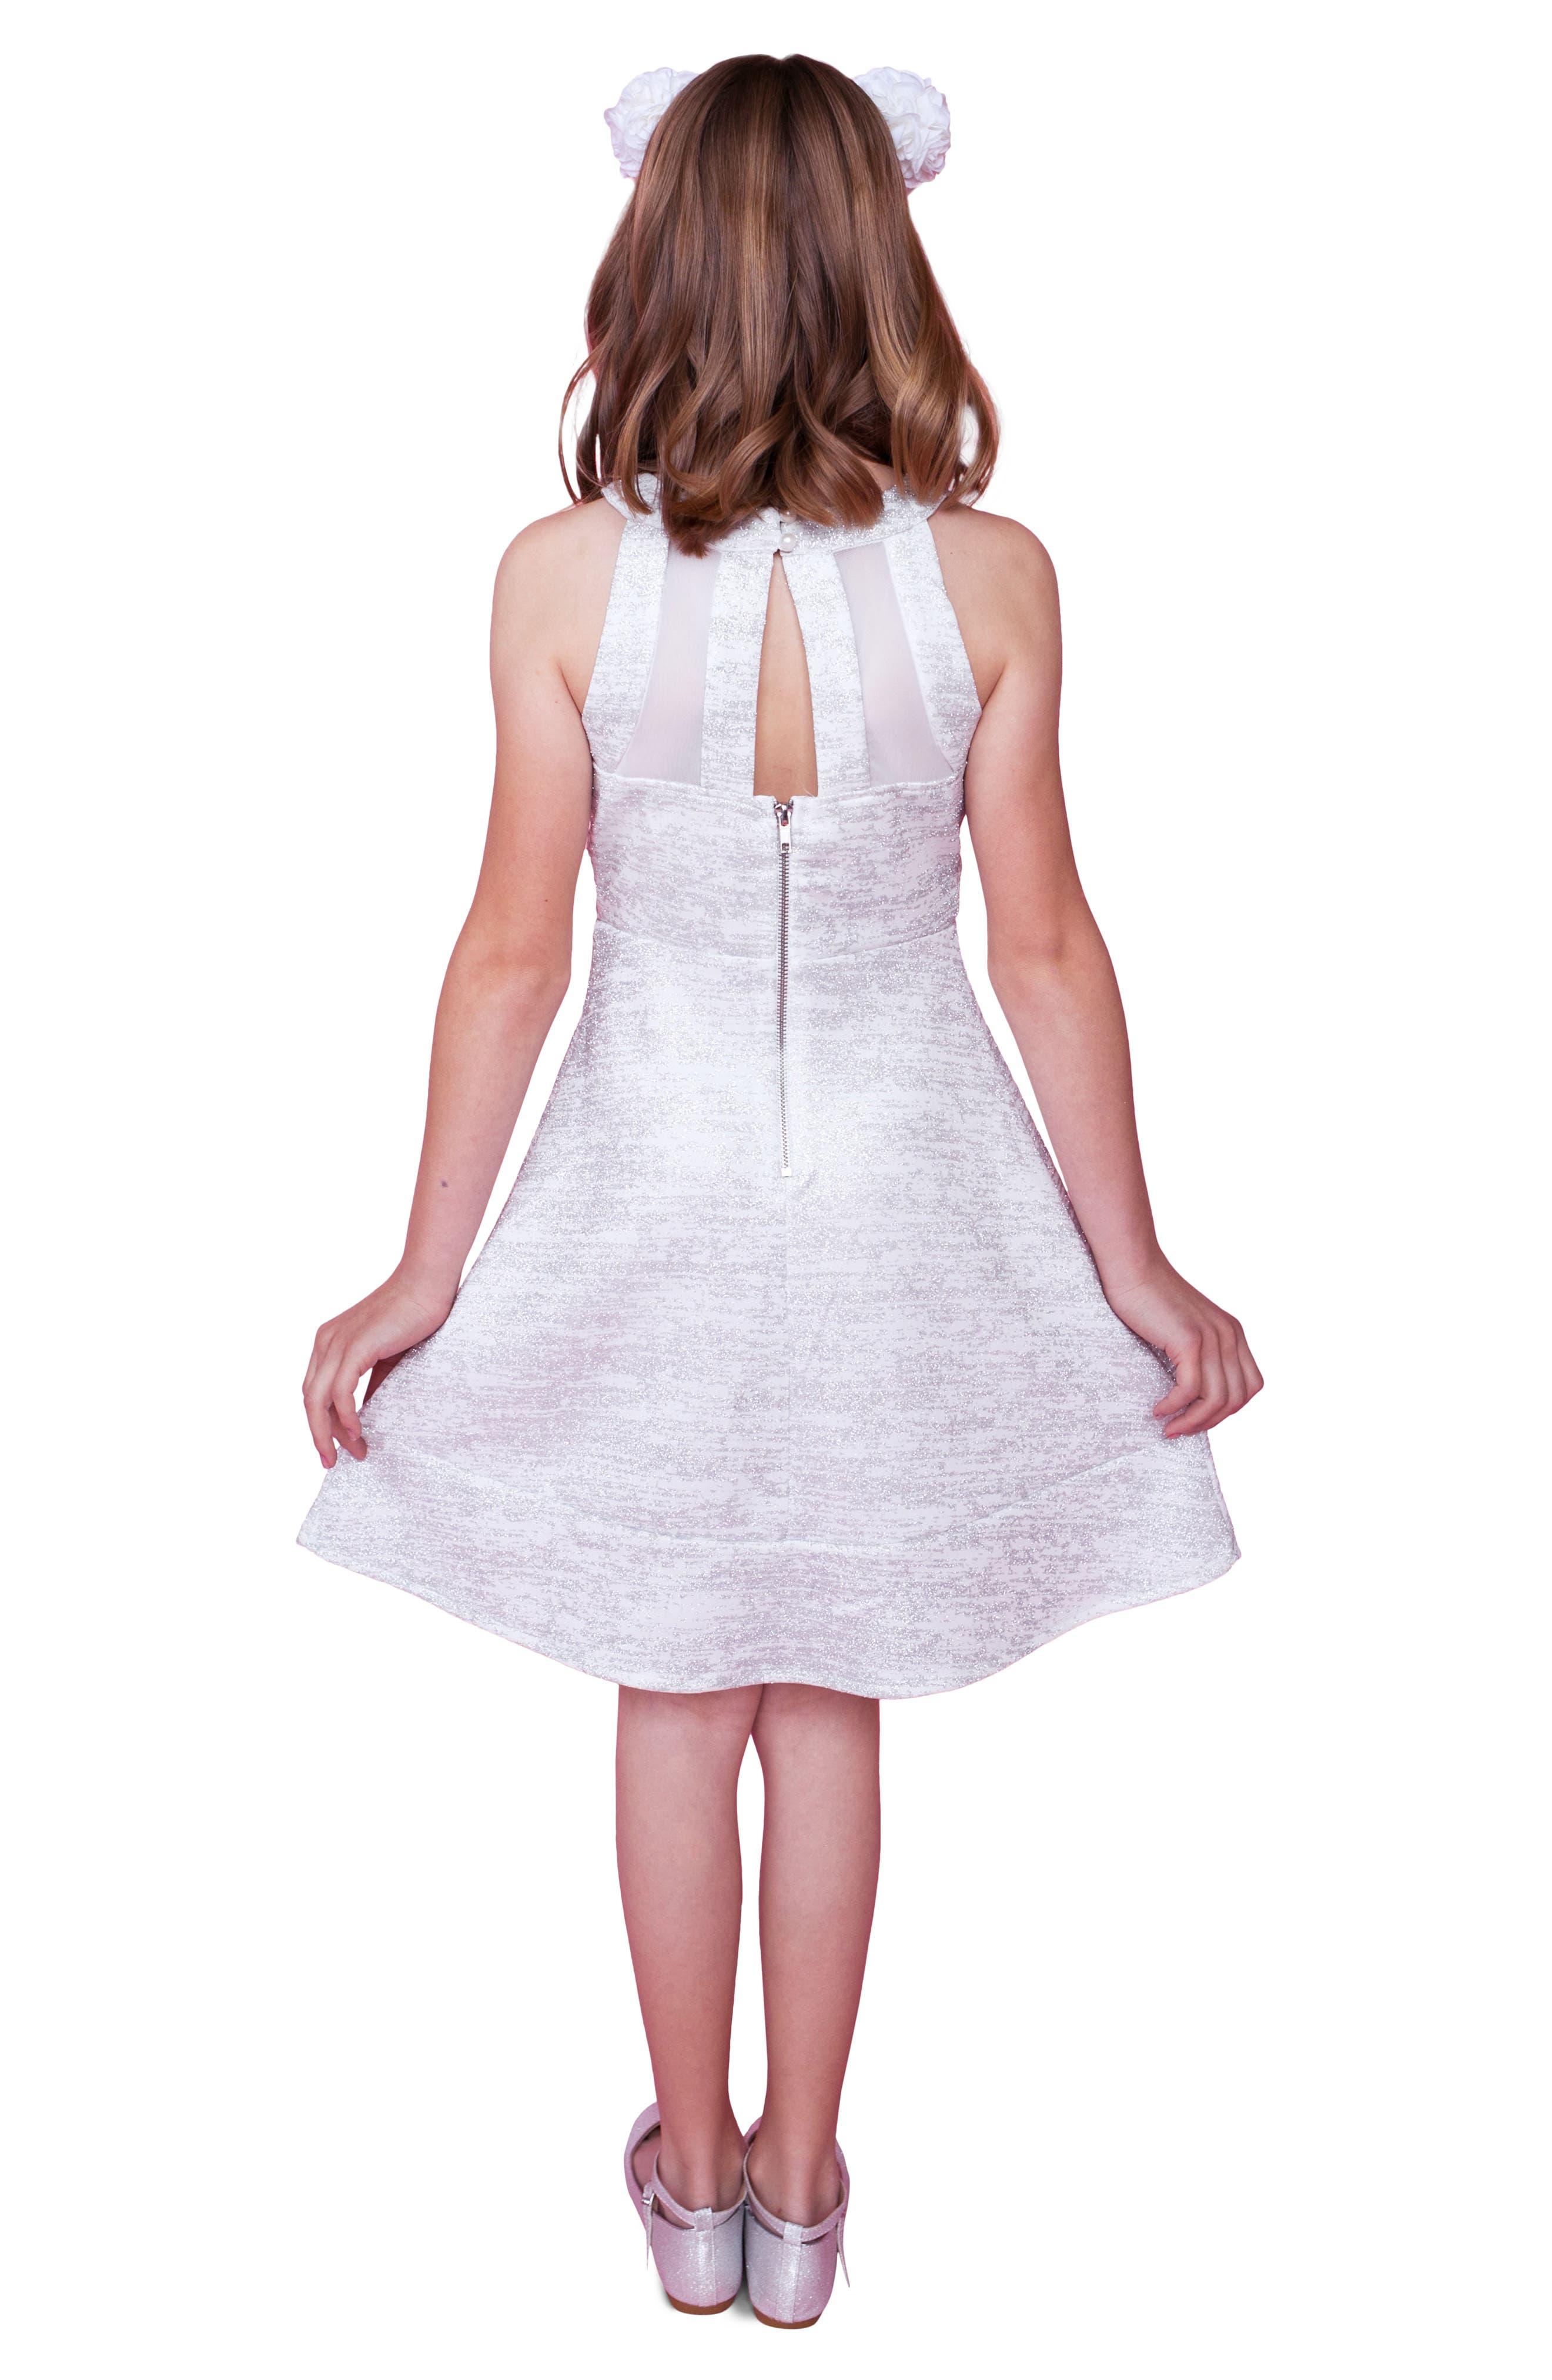 Glitter Scuba Skater Dress,                             Alternate thumbnail 4, color,                             Ivory/ Silver